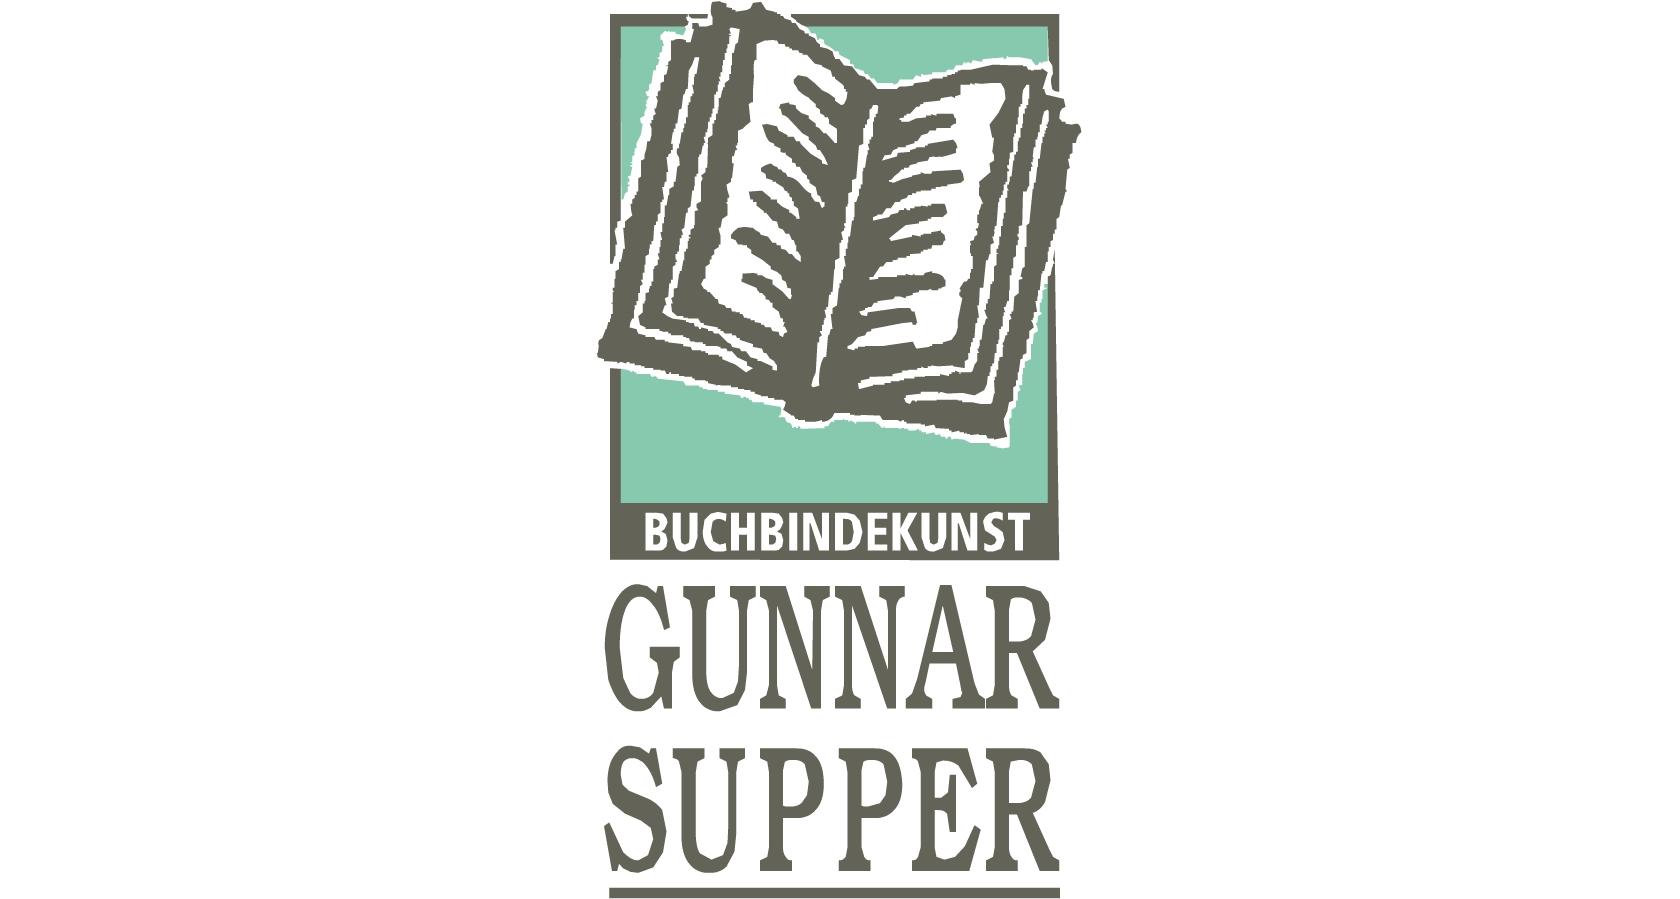 Gunnar Supper